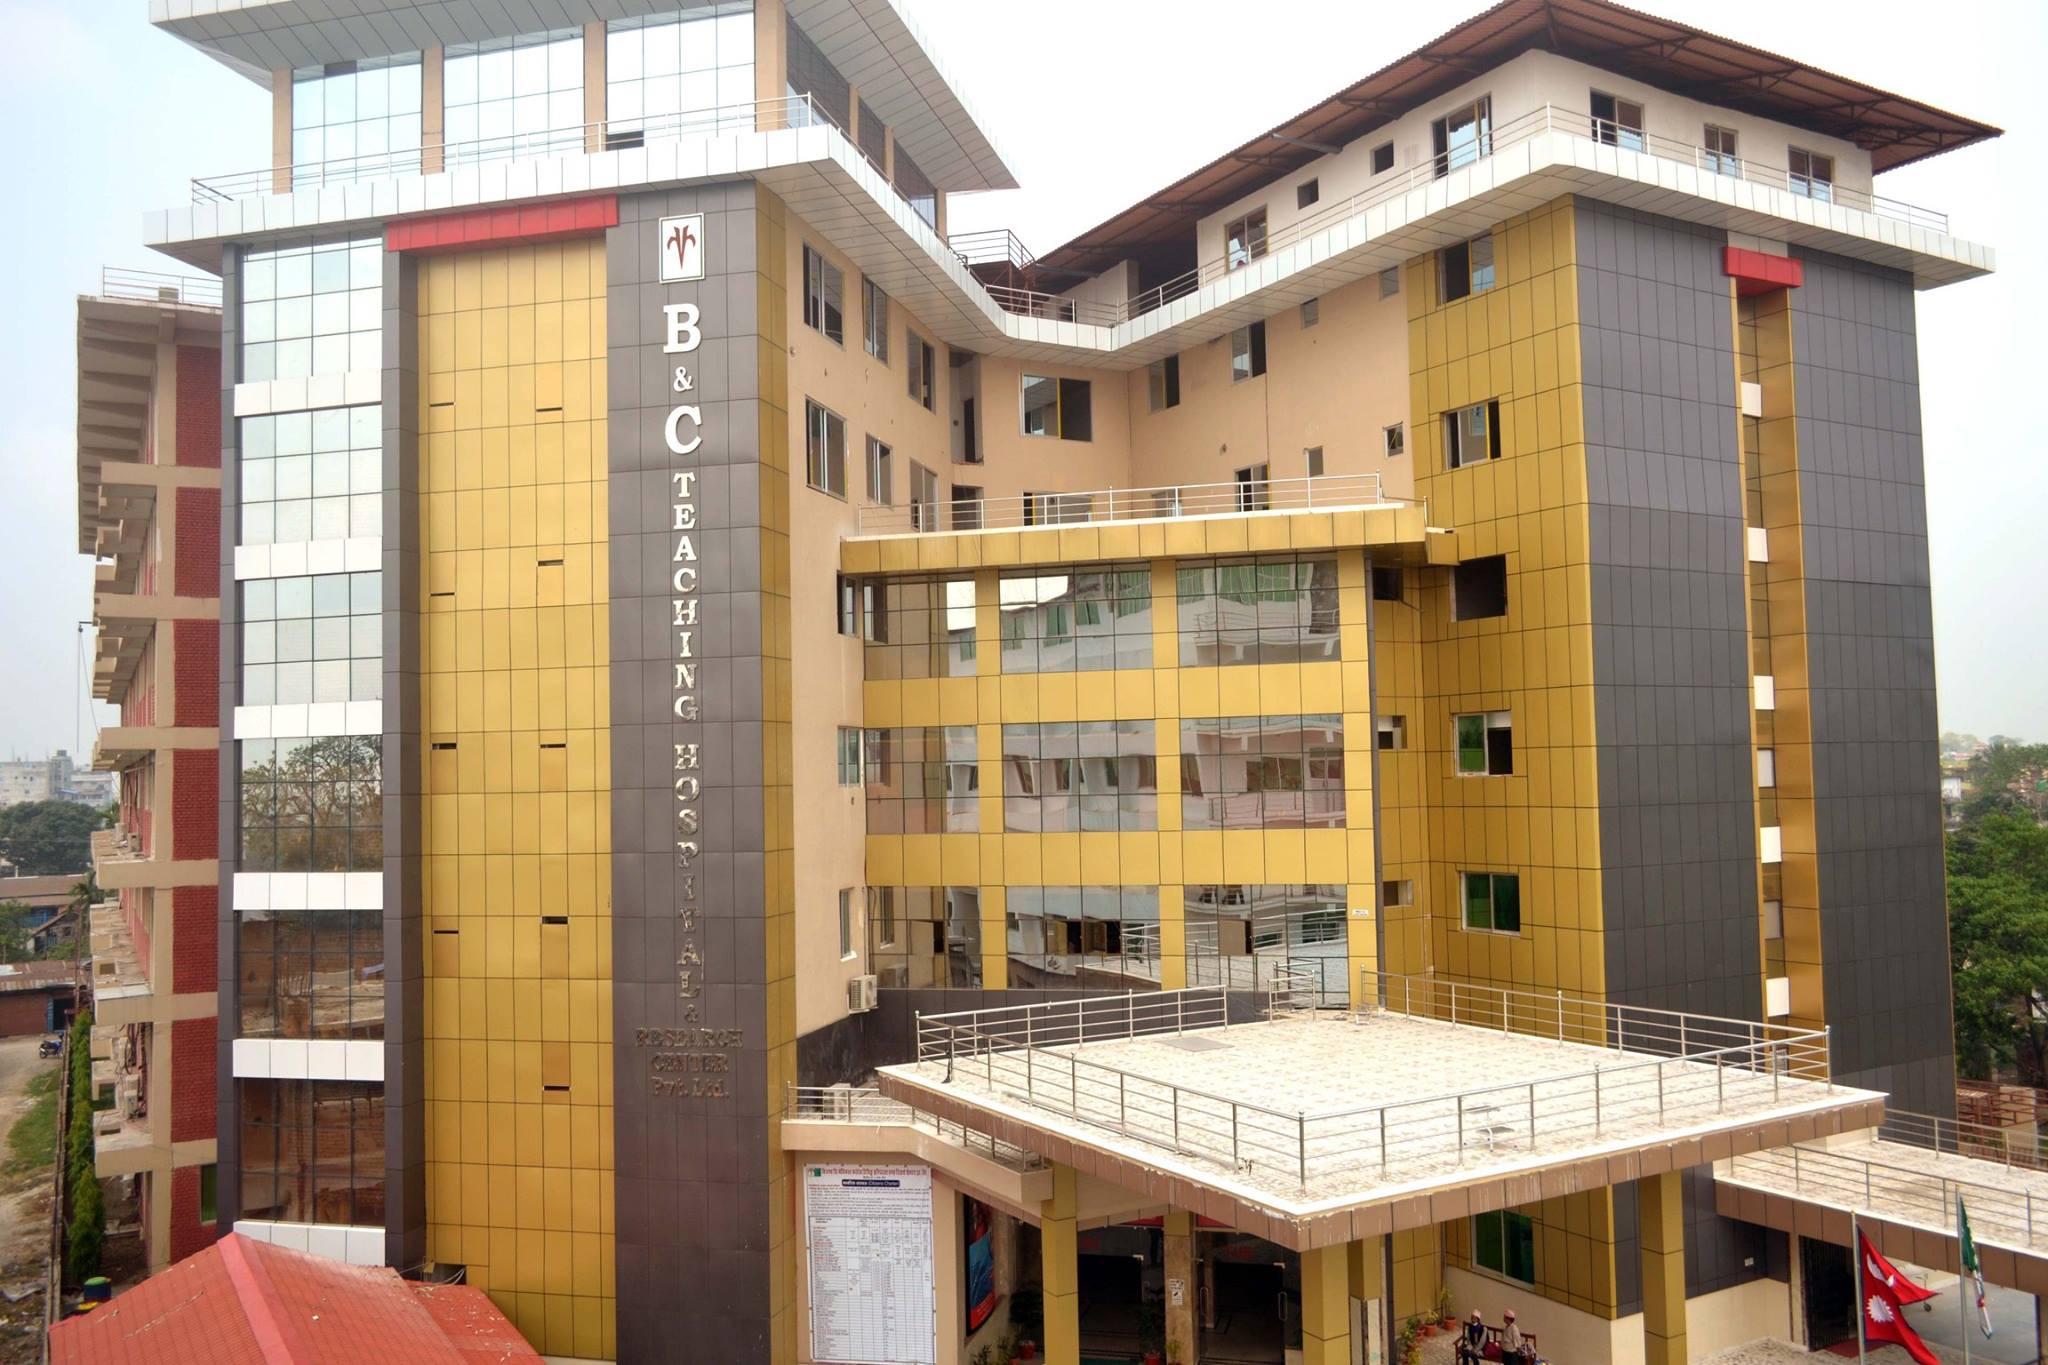 बिएण्डसी हस्पिटल कोरोना संक्रमितको उपचारका लागि राज्यलाई दिने